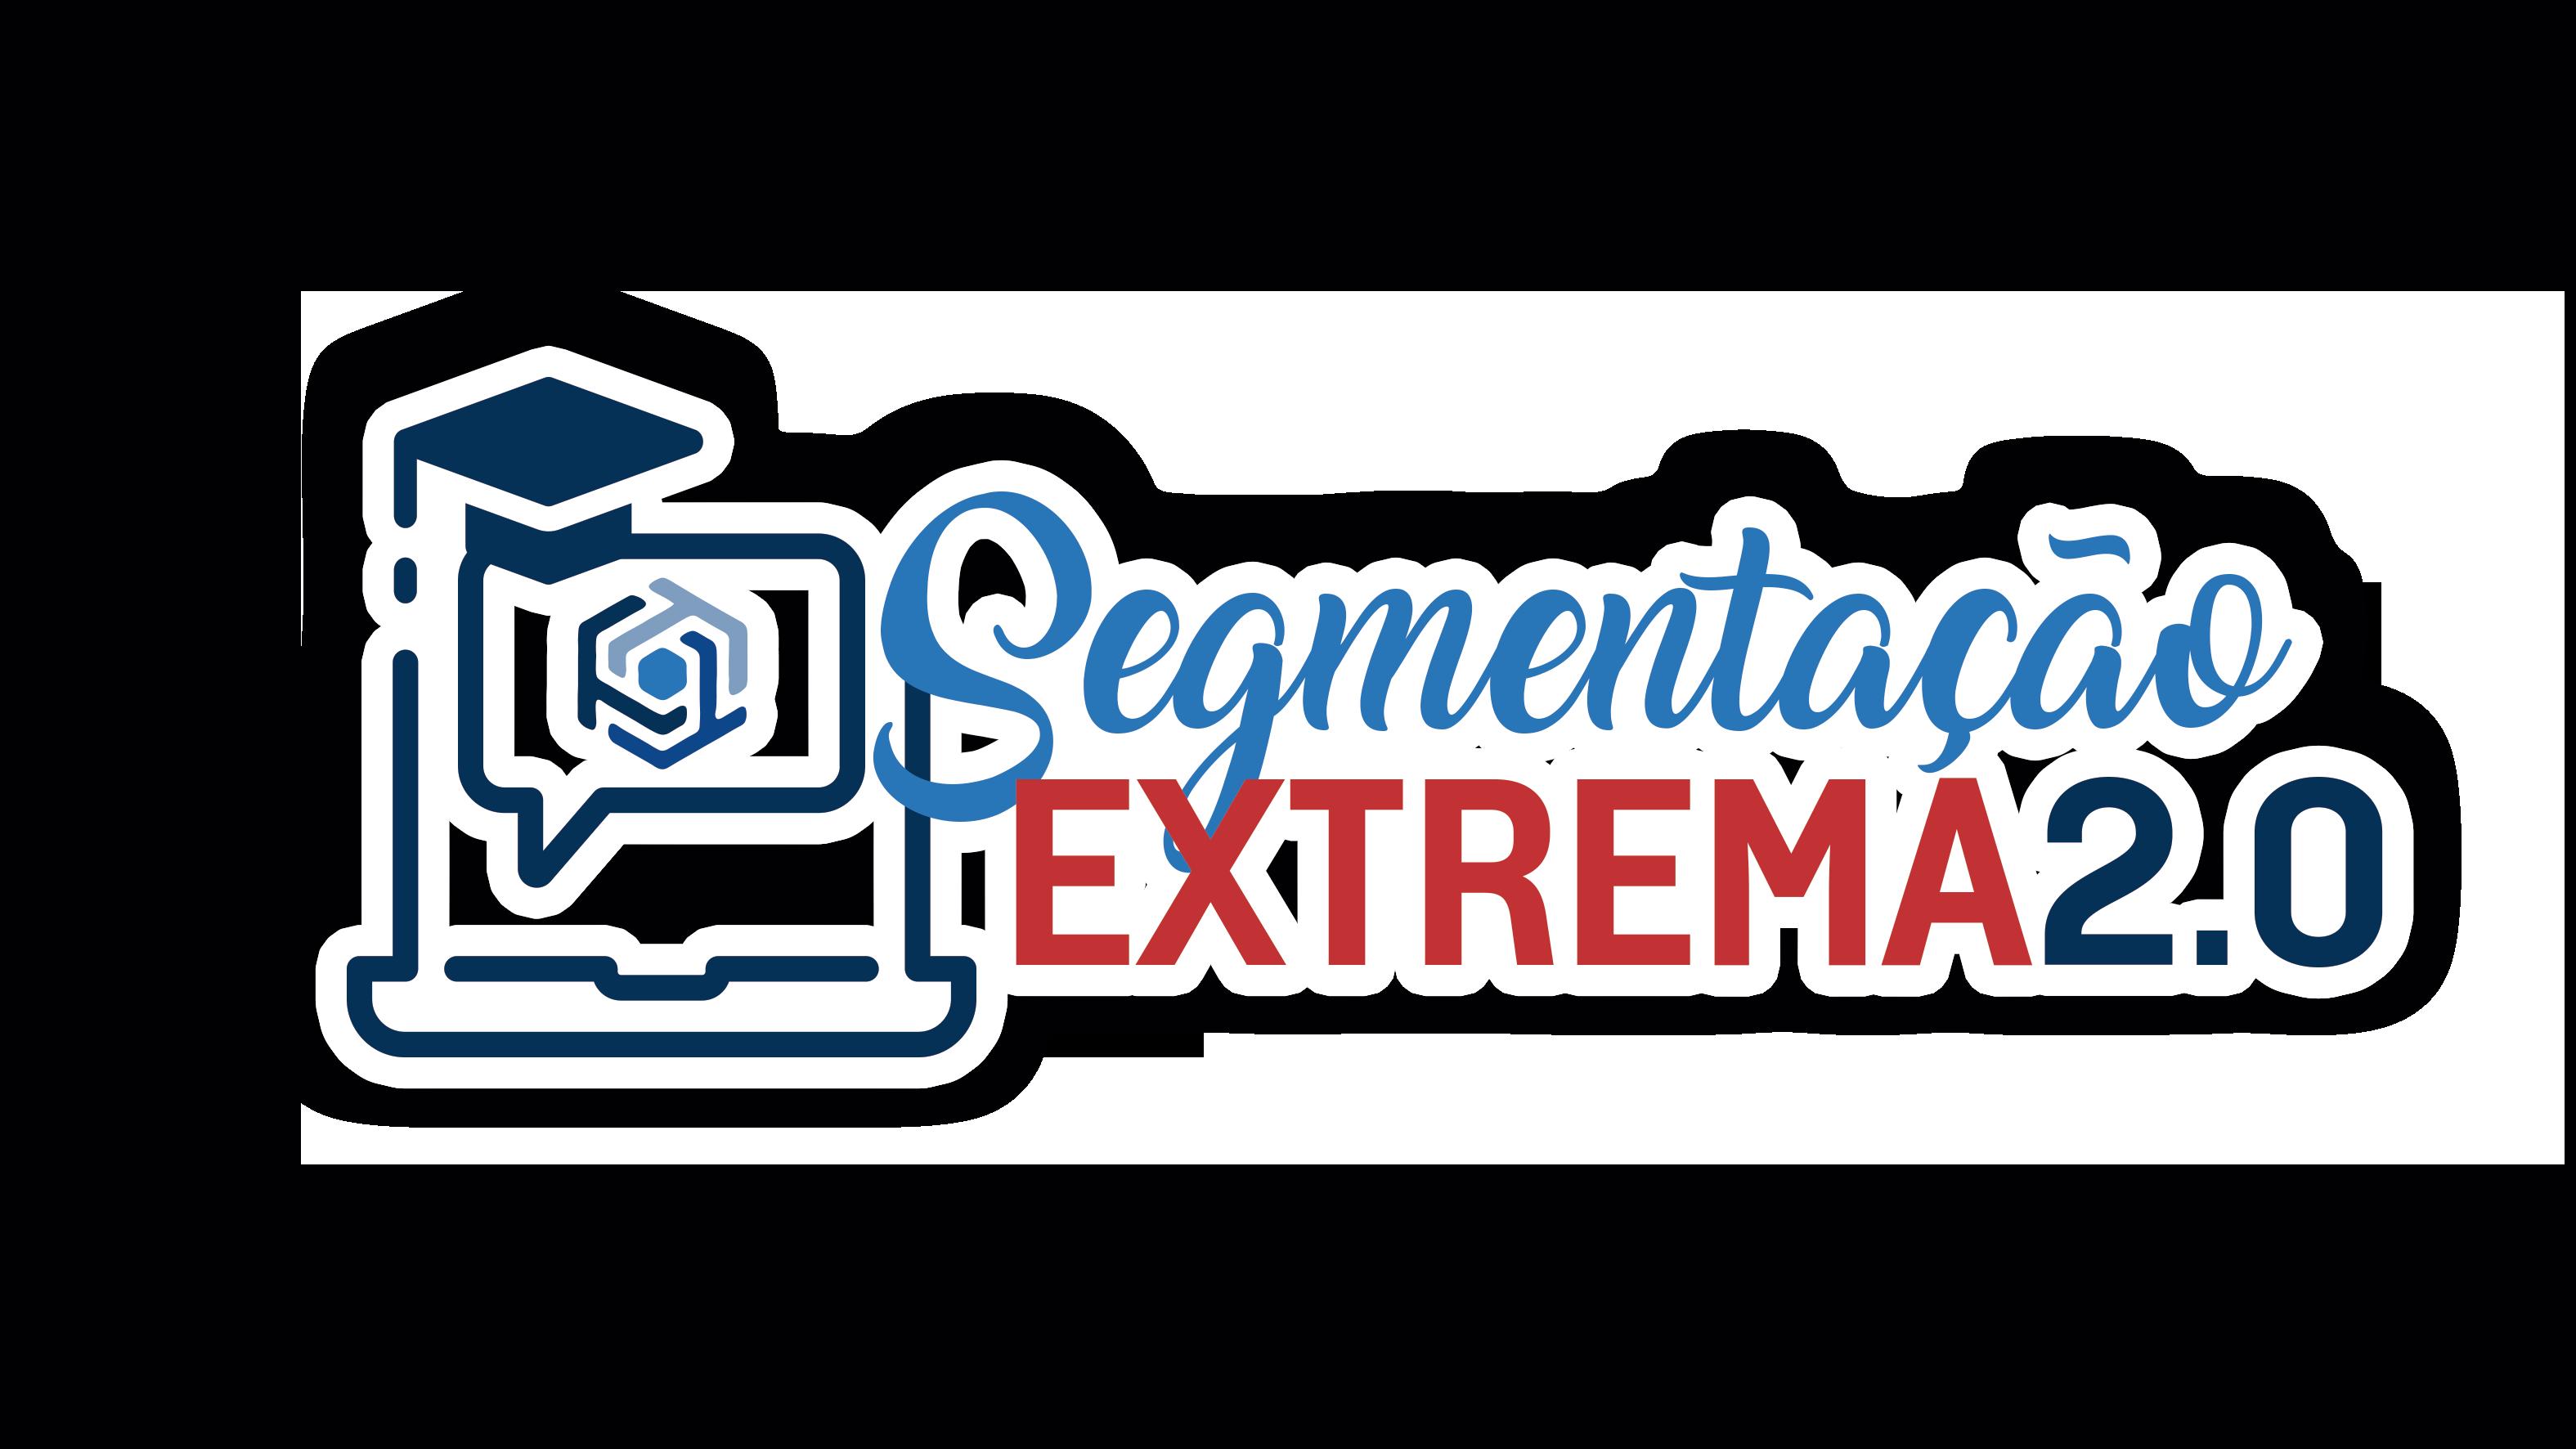 Segmentação Extrema 2.0